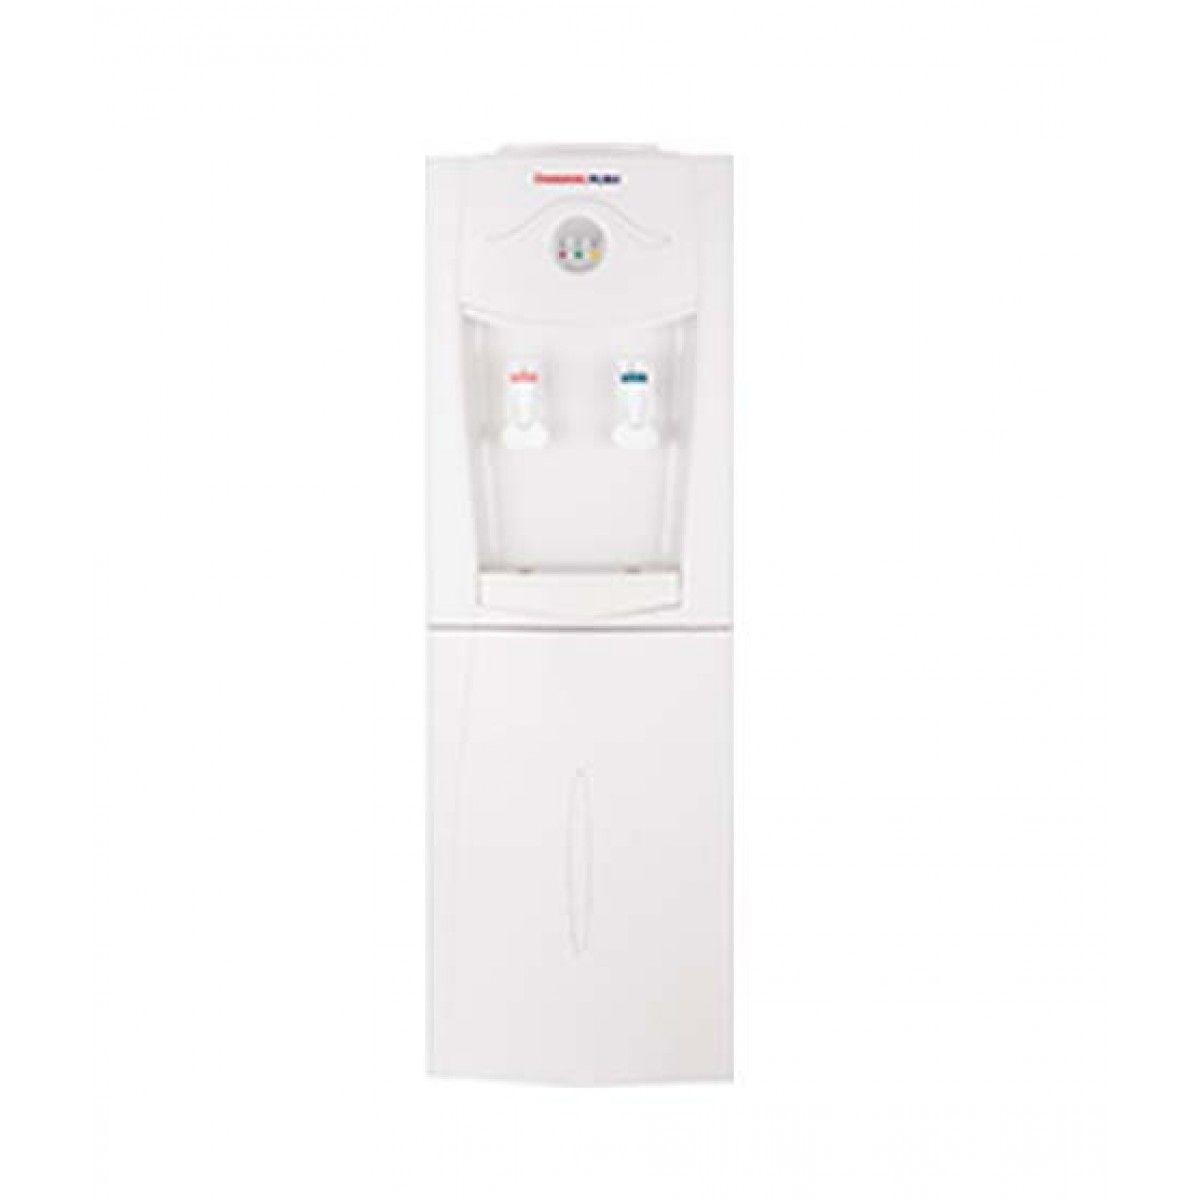 Changhong Ruba WD-CR88H Water Dispenser